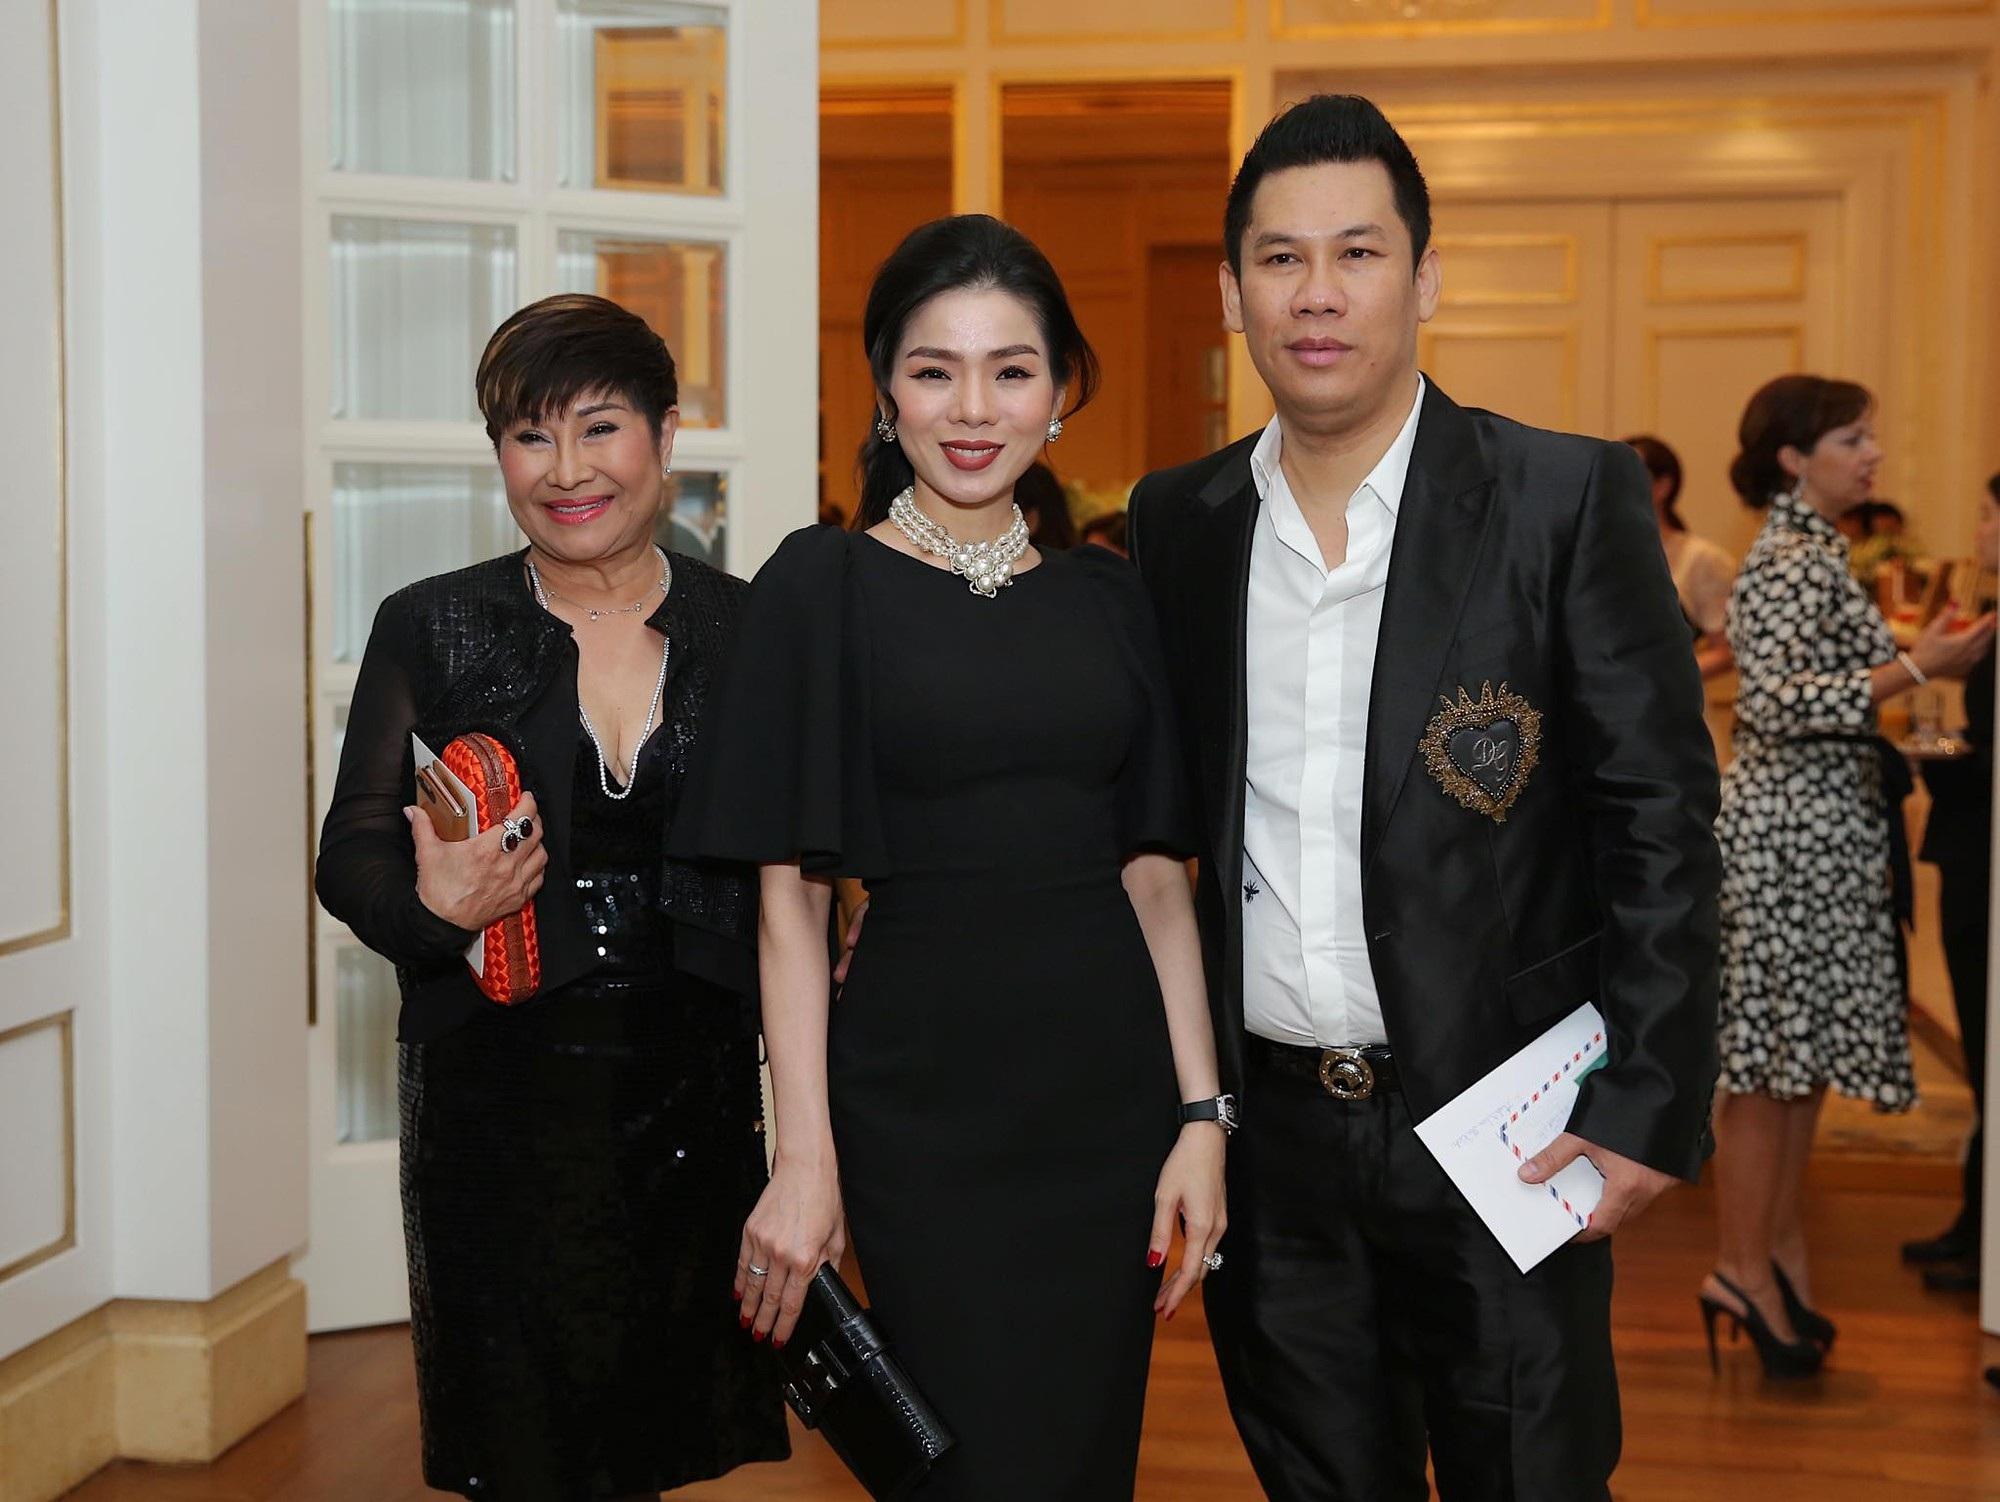 Cuối năm tất bật, dàn sao Việt vẫn dành thời gian đến dự đám cưới Lê Hiếu - Ảnh 16.